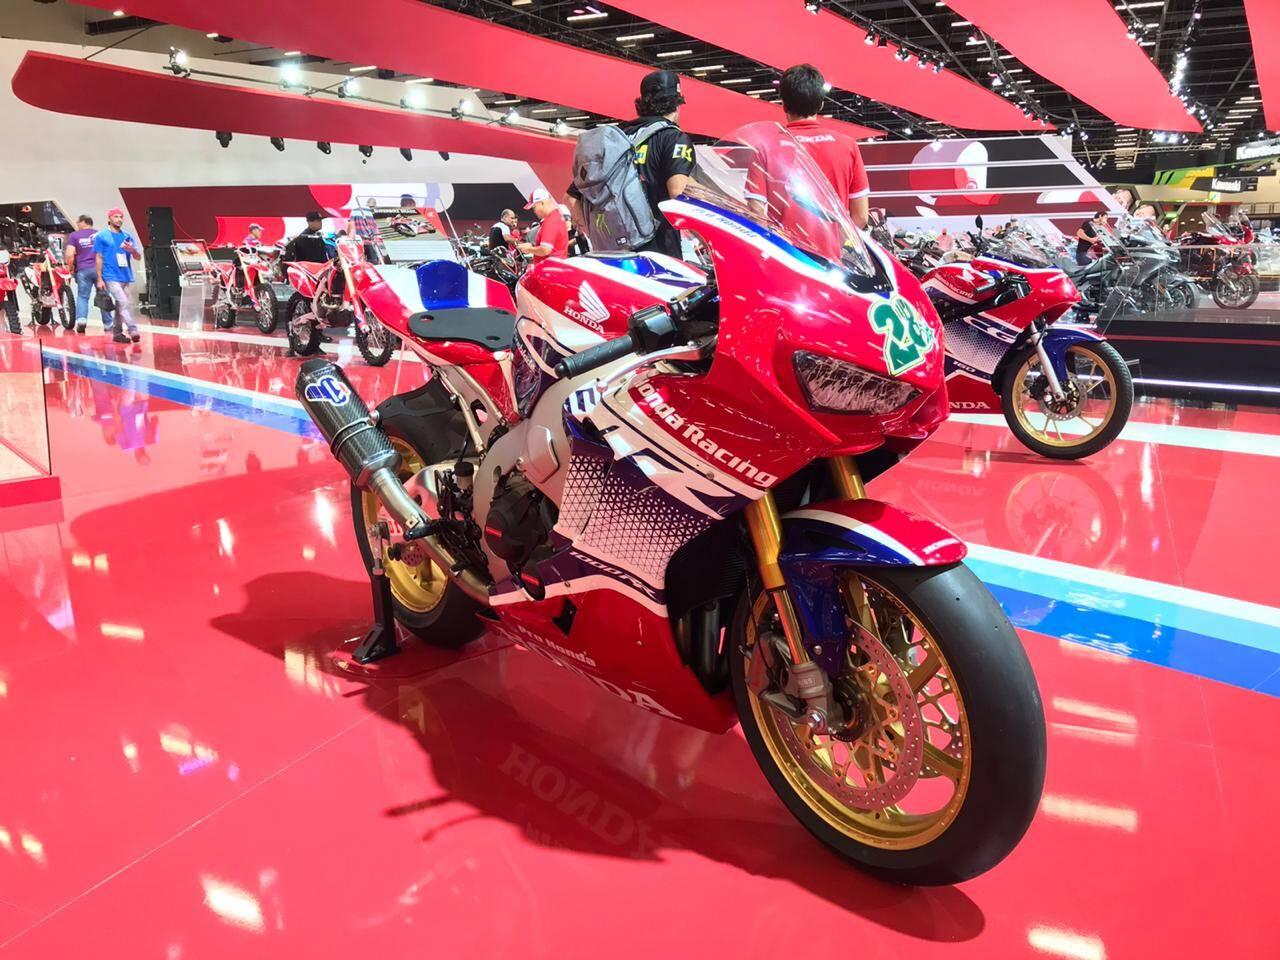 Honda 1000 RR. Foto: Guilherme Menezes/iG